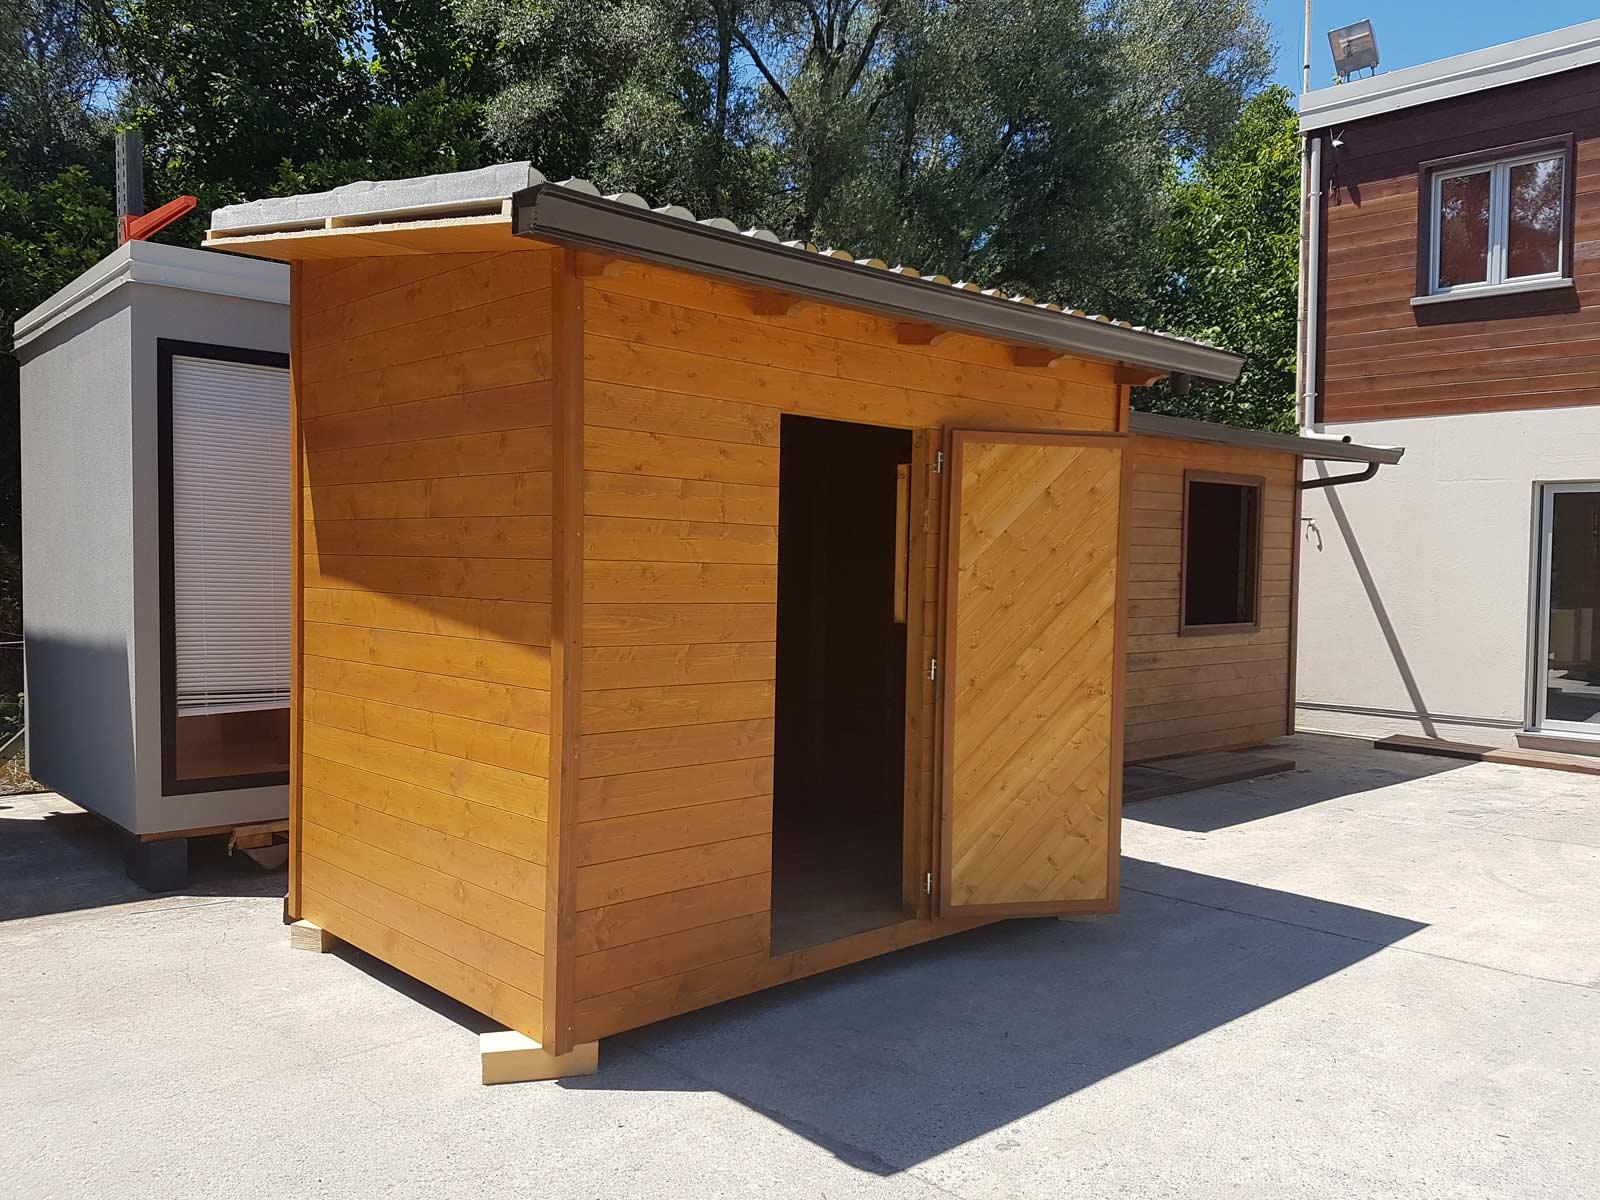 Casette legno - realizzazione di casette in legno ...